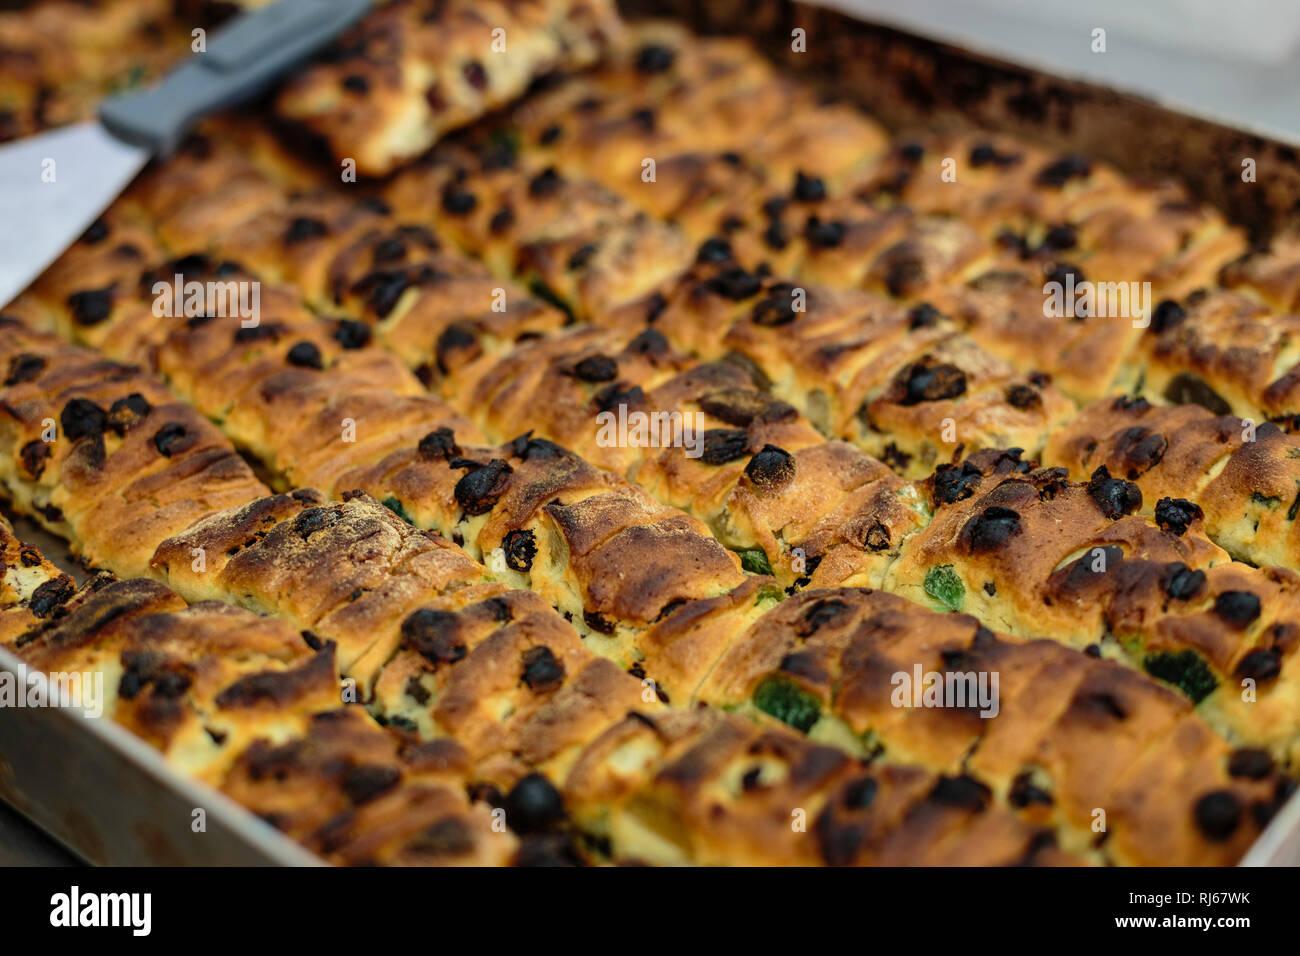 """Europa, Italien, Latium, Rom, Jüdische """"Pizza"""", eine Spezialität der berühmten jüdischen Bäckerei Boccione und lieblingsgebäck von Benedikt XVI., (J. R Stockbild"""